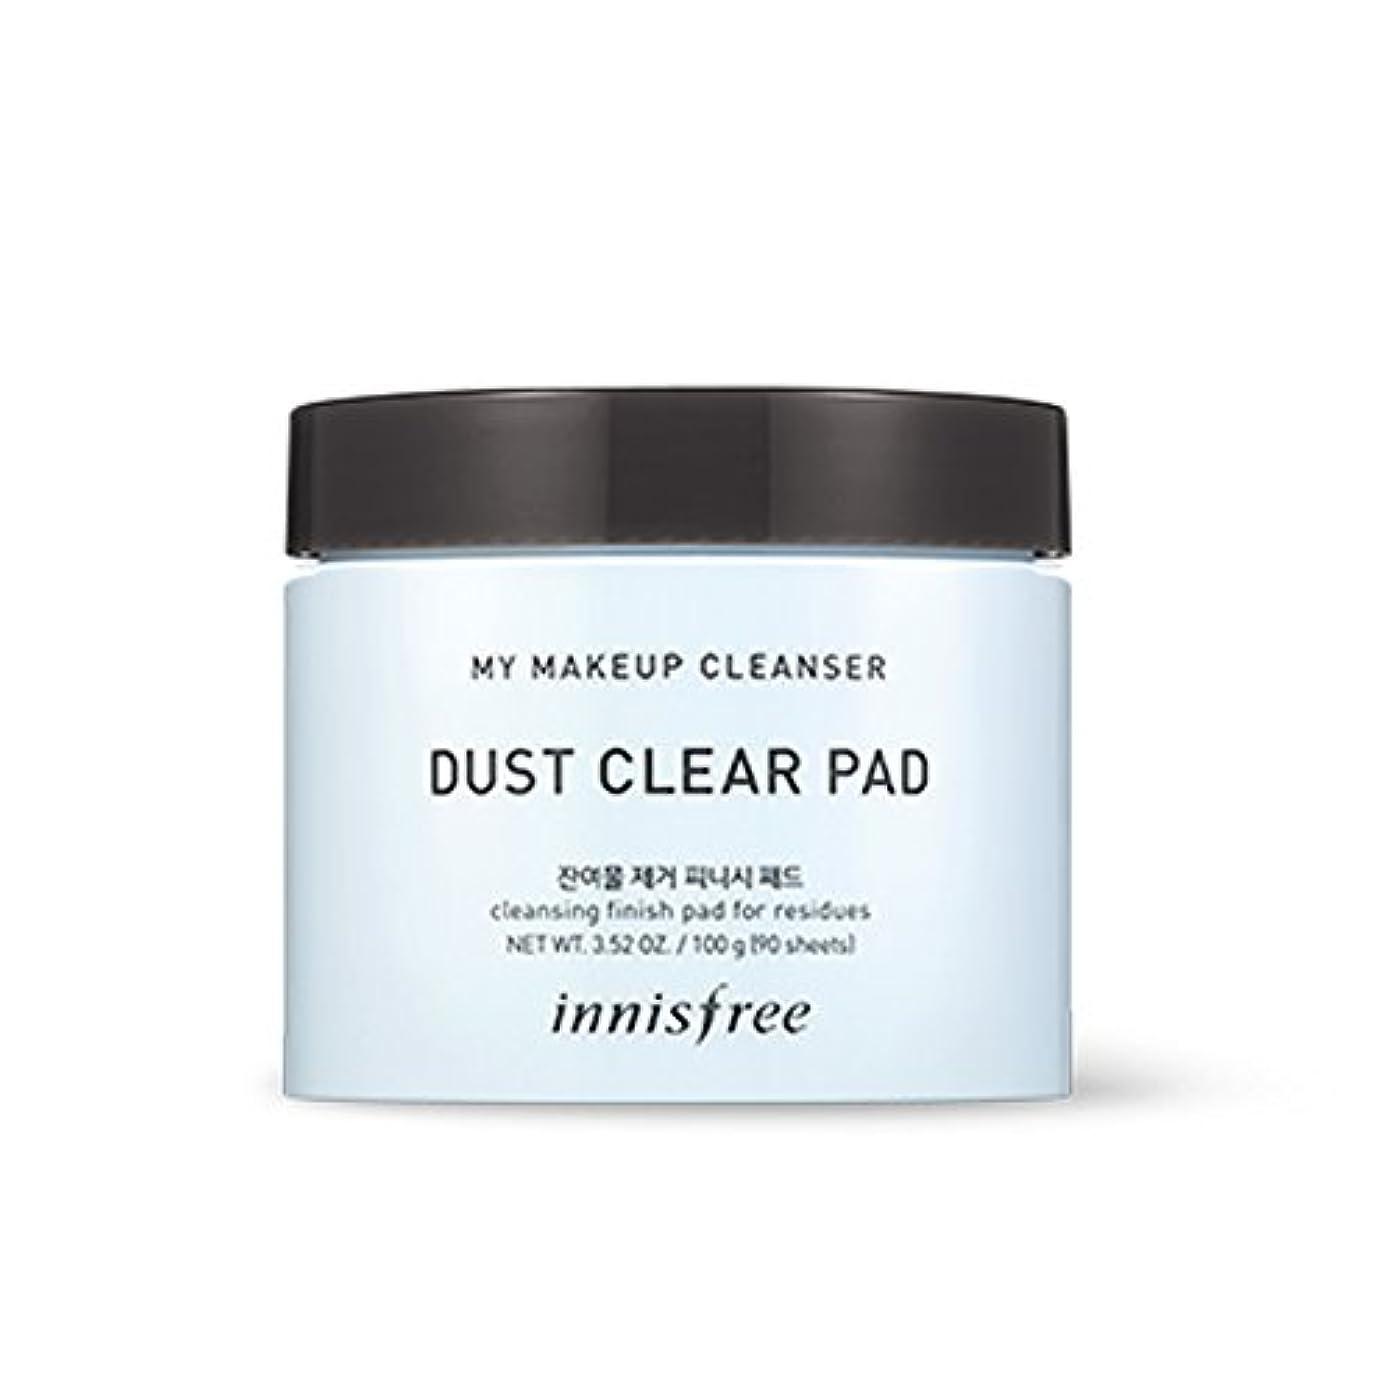 材料飼いならす手のひらイニスフリーマイメイクアップクレンザー - ダストクリアパッド90ea x 1個 Innisfree My Makeup Cleanser - Dust Clear Pad 90ea x 1pcs [海外直送品][並行輸入品]